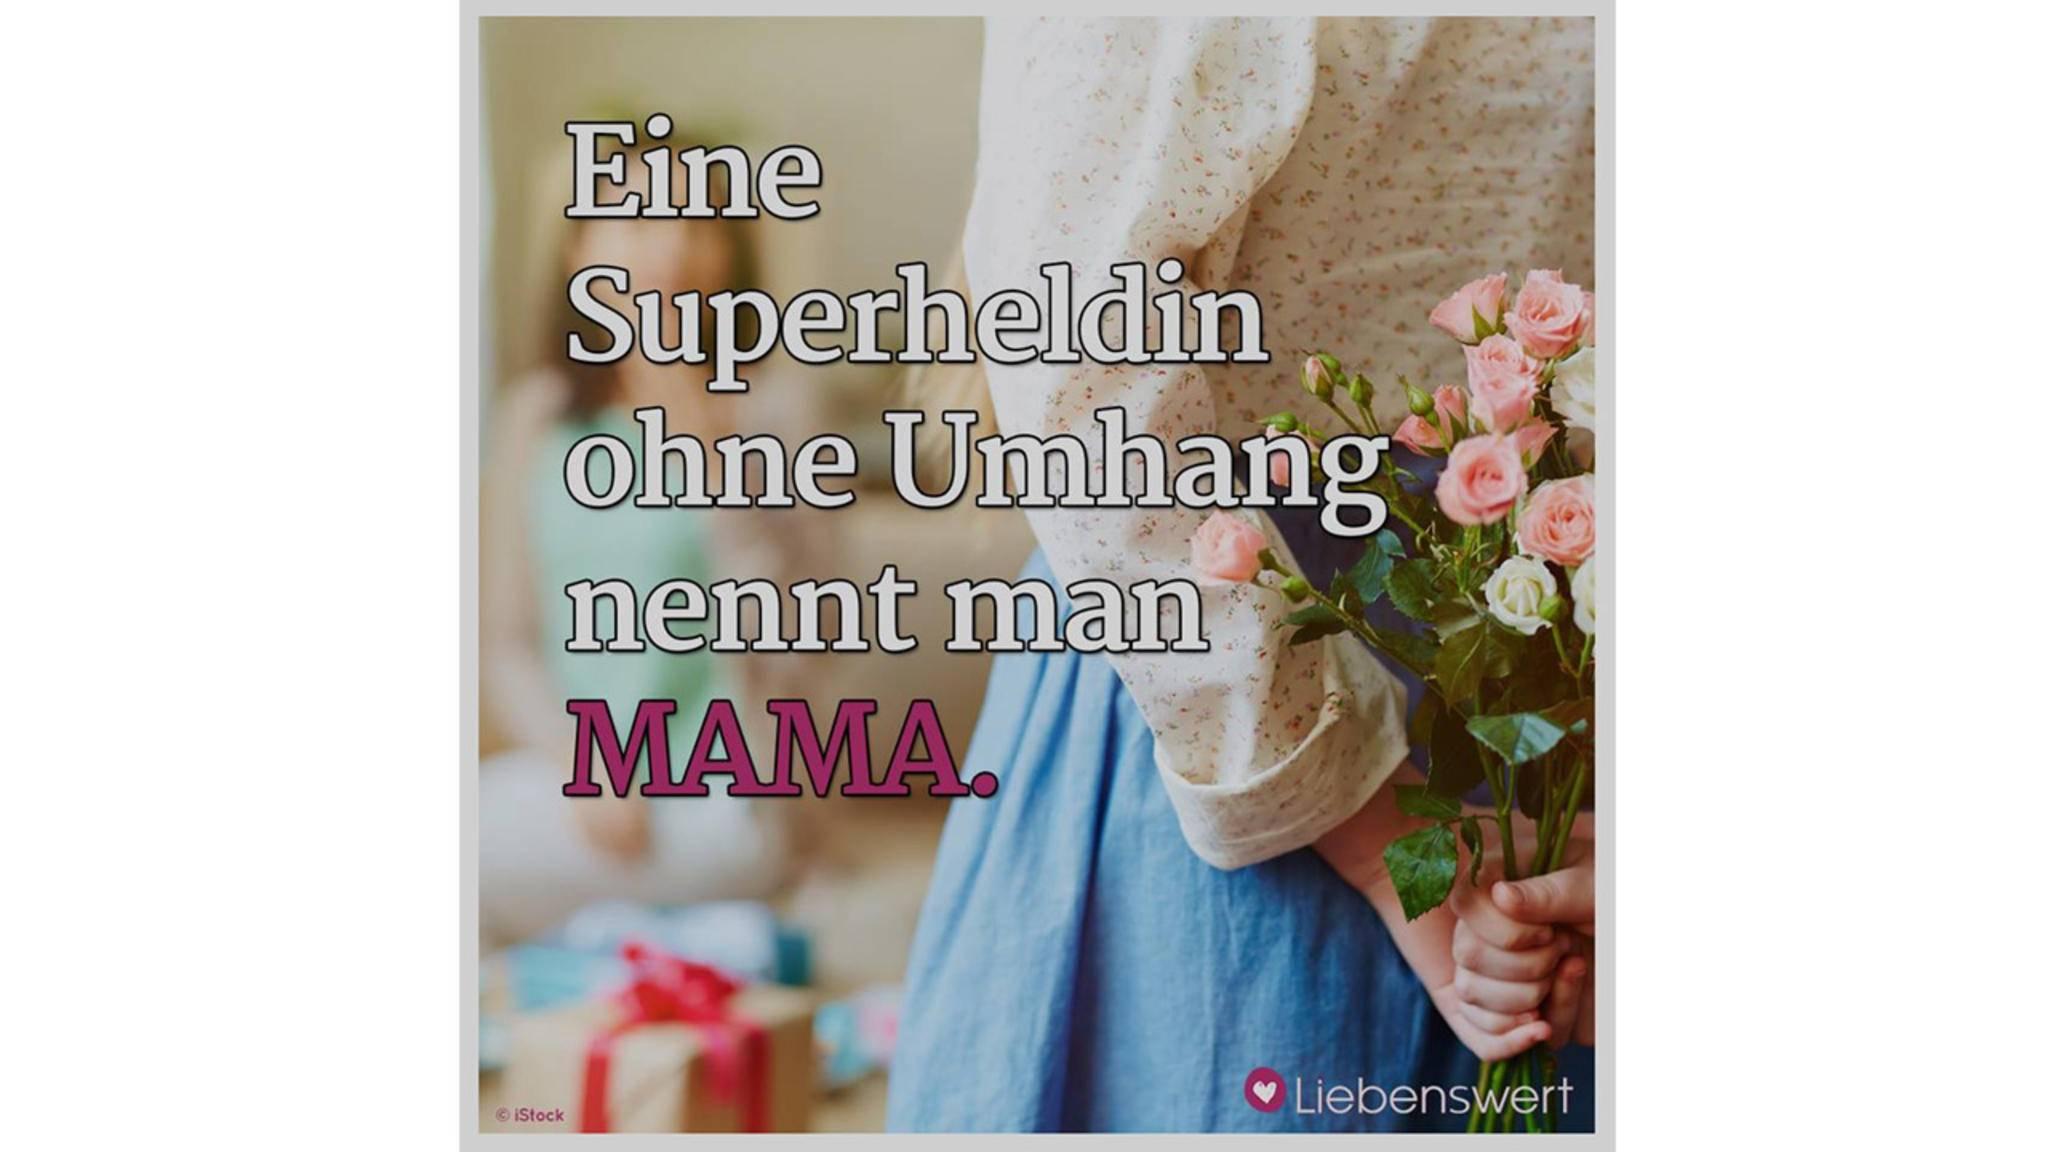 Jede Mama ist einzigartig. Zeig's ihr am Muttertag mit einem süßen Bild!